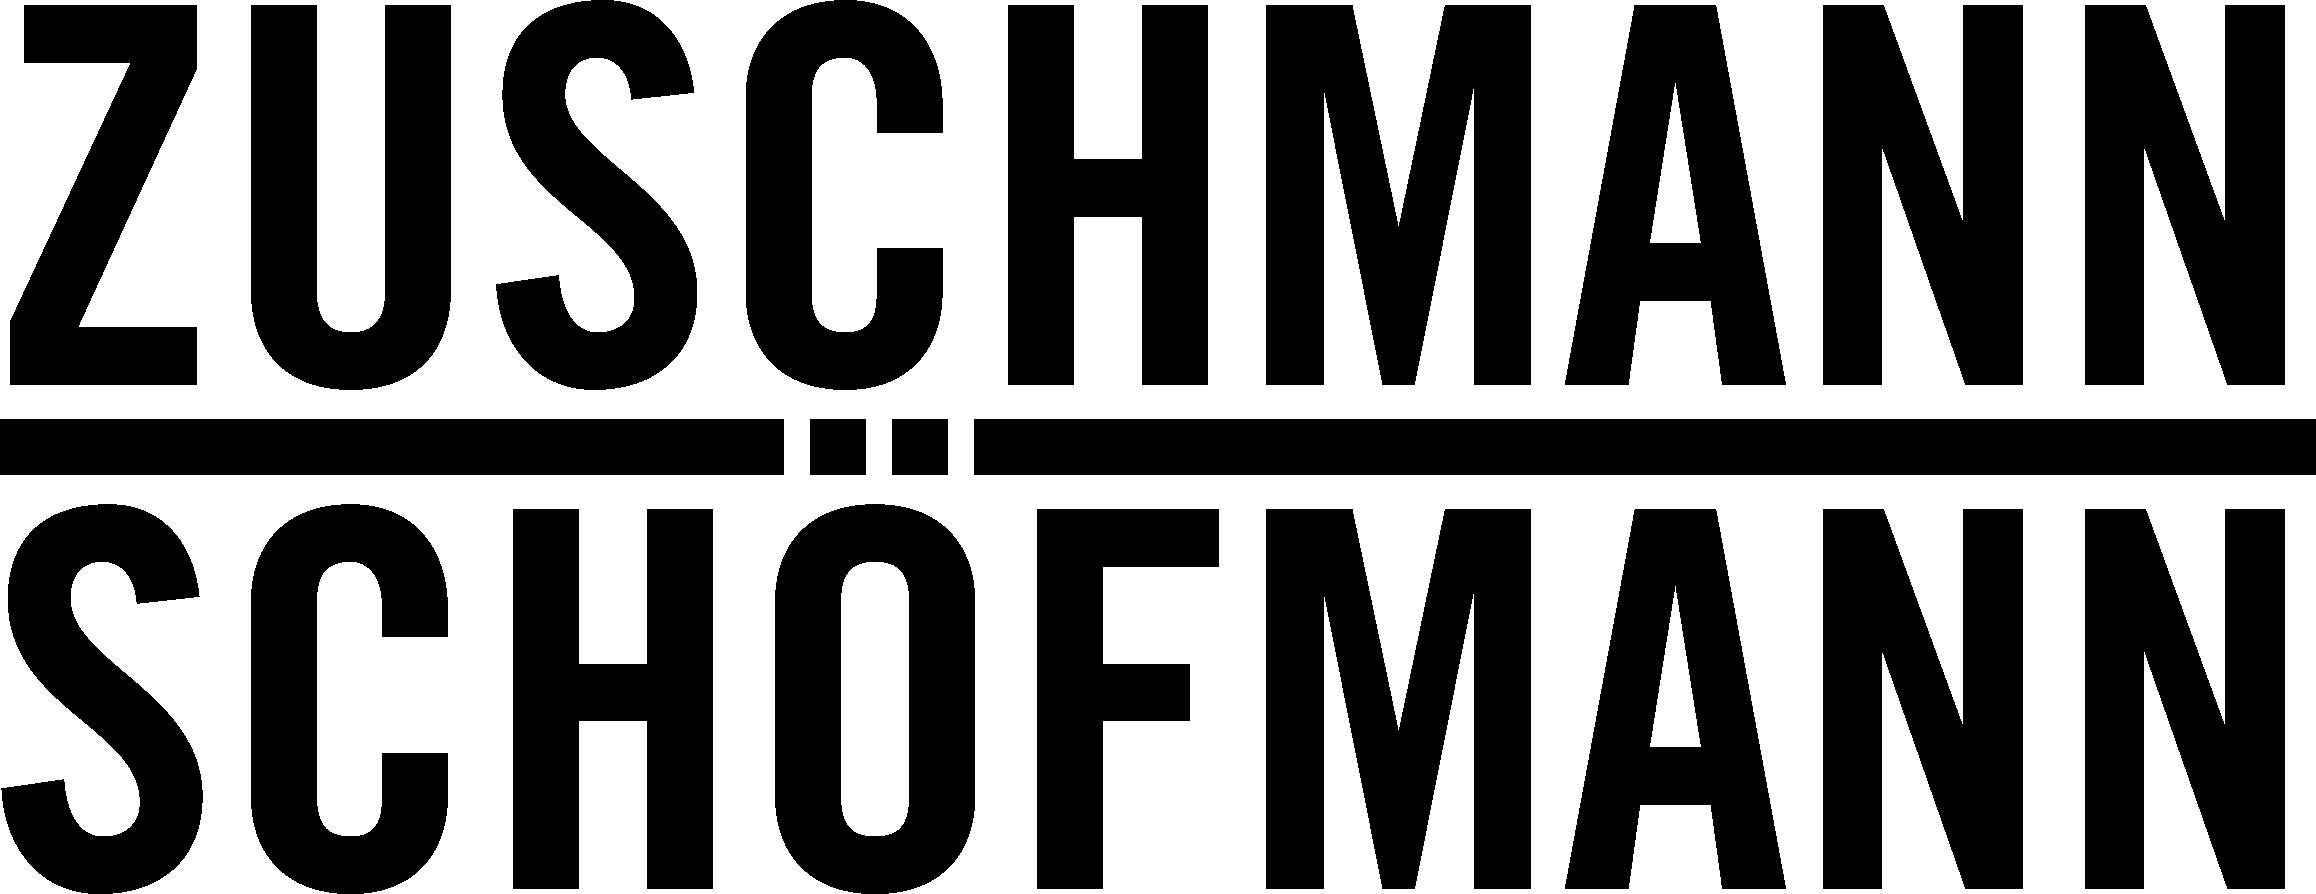 Weingut Zuschmann-Schöfmann